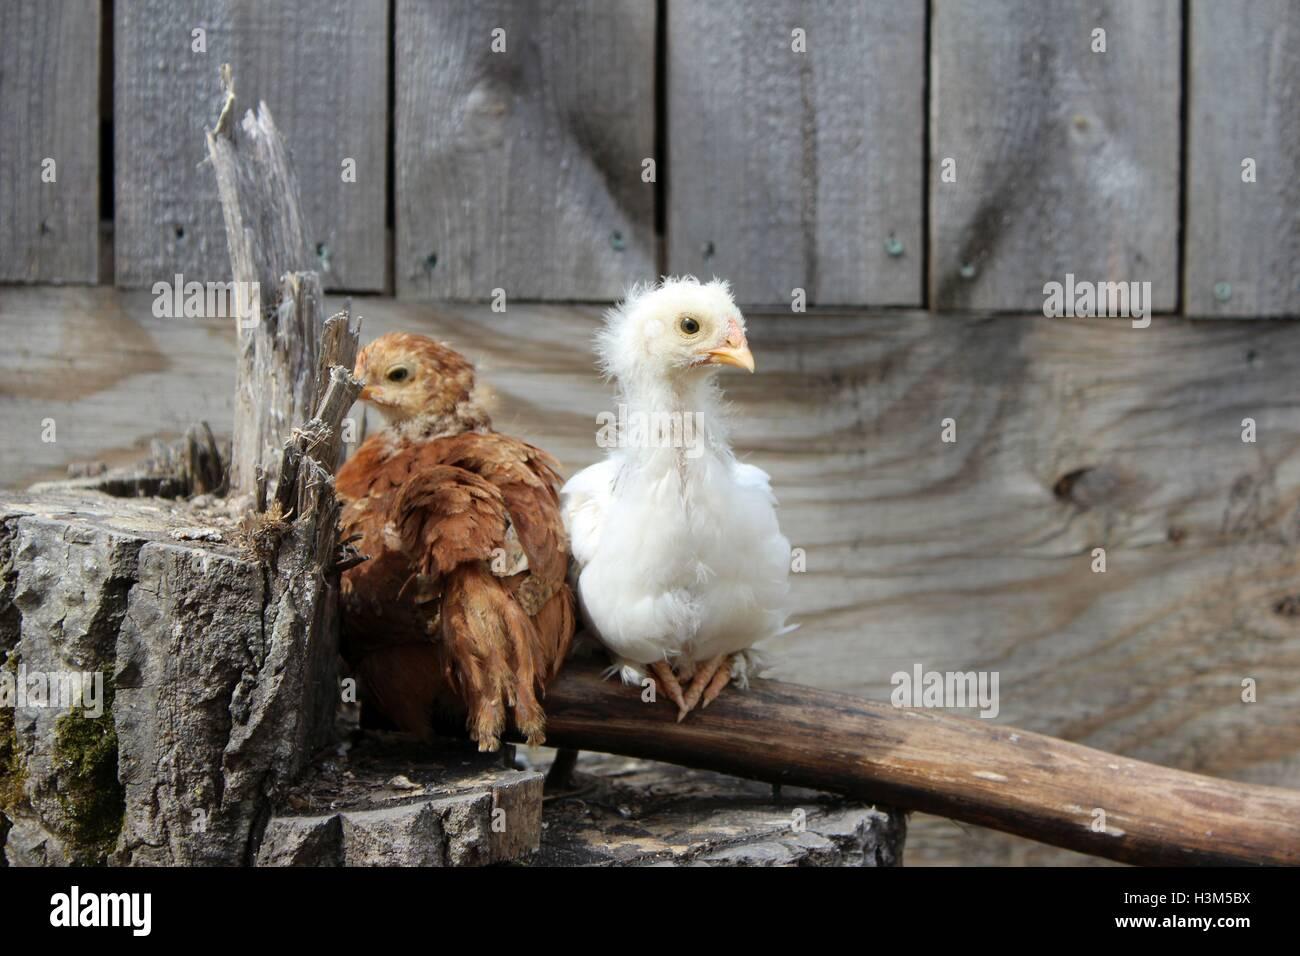 La mitad crecido polluelos; Que torpe Stage Imagen De Stock